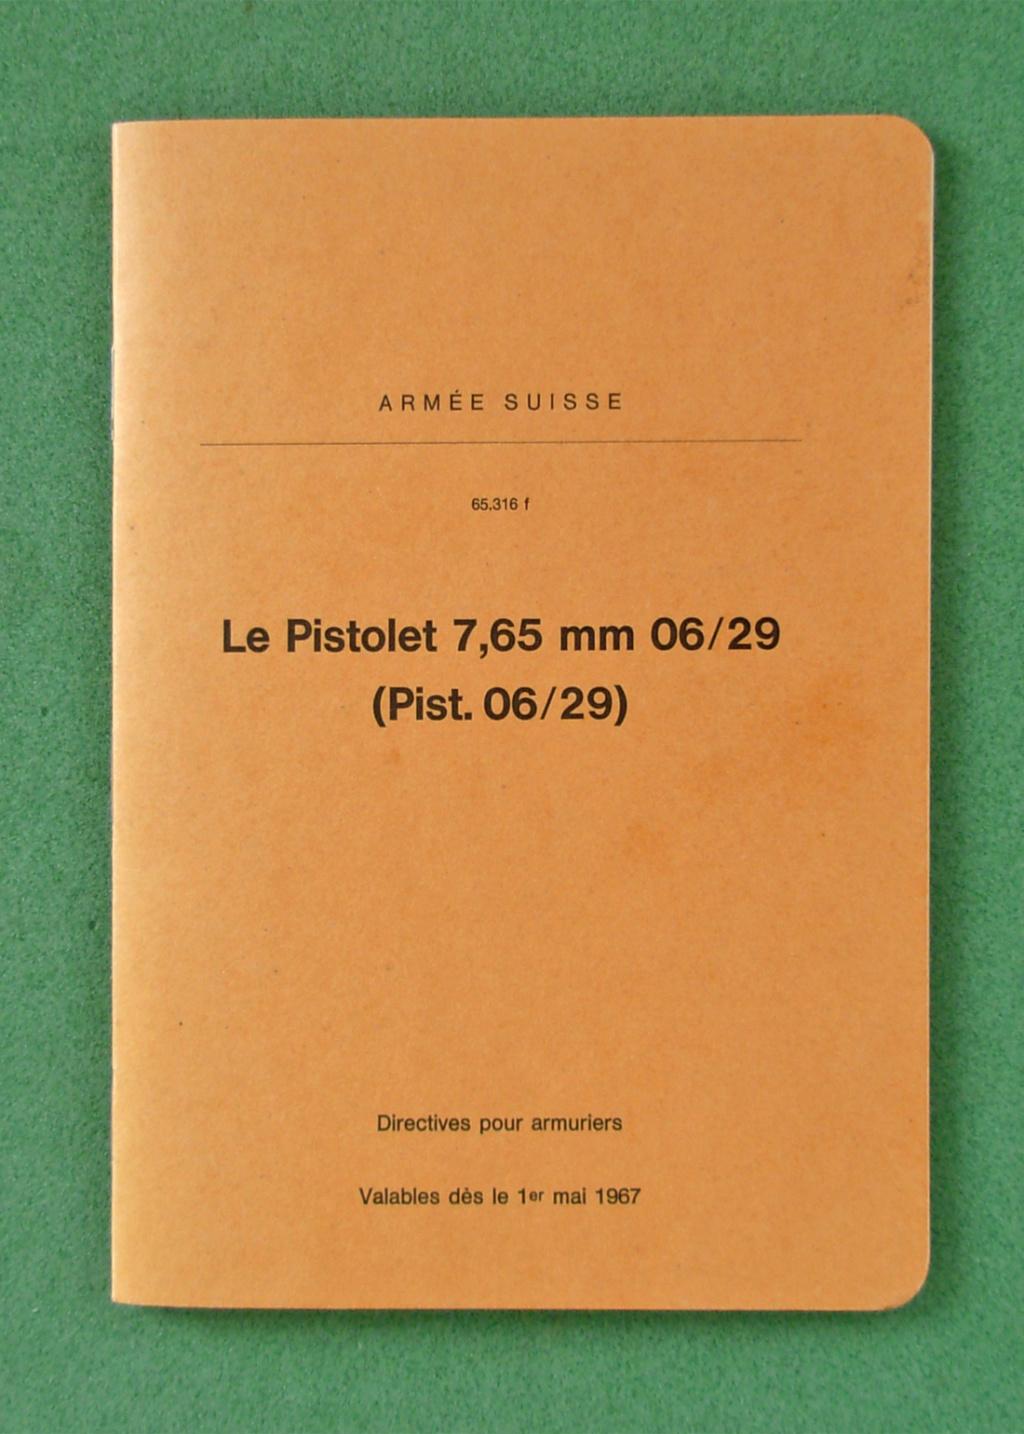 Livret armurier pour le Luger suisse 06/29 Dscn4816